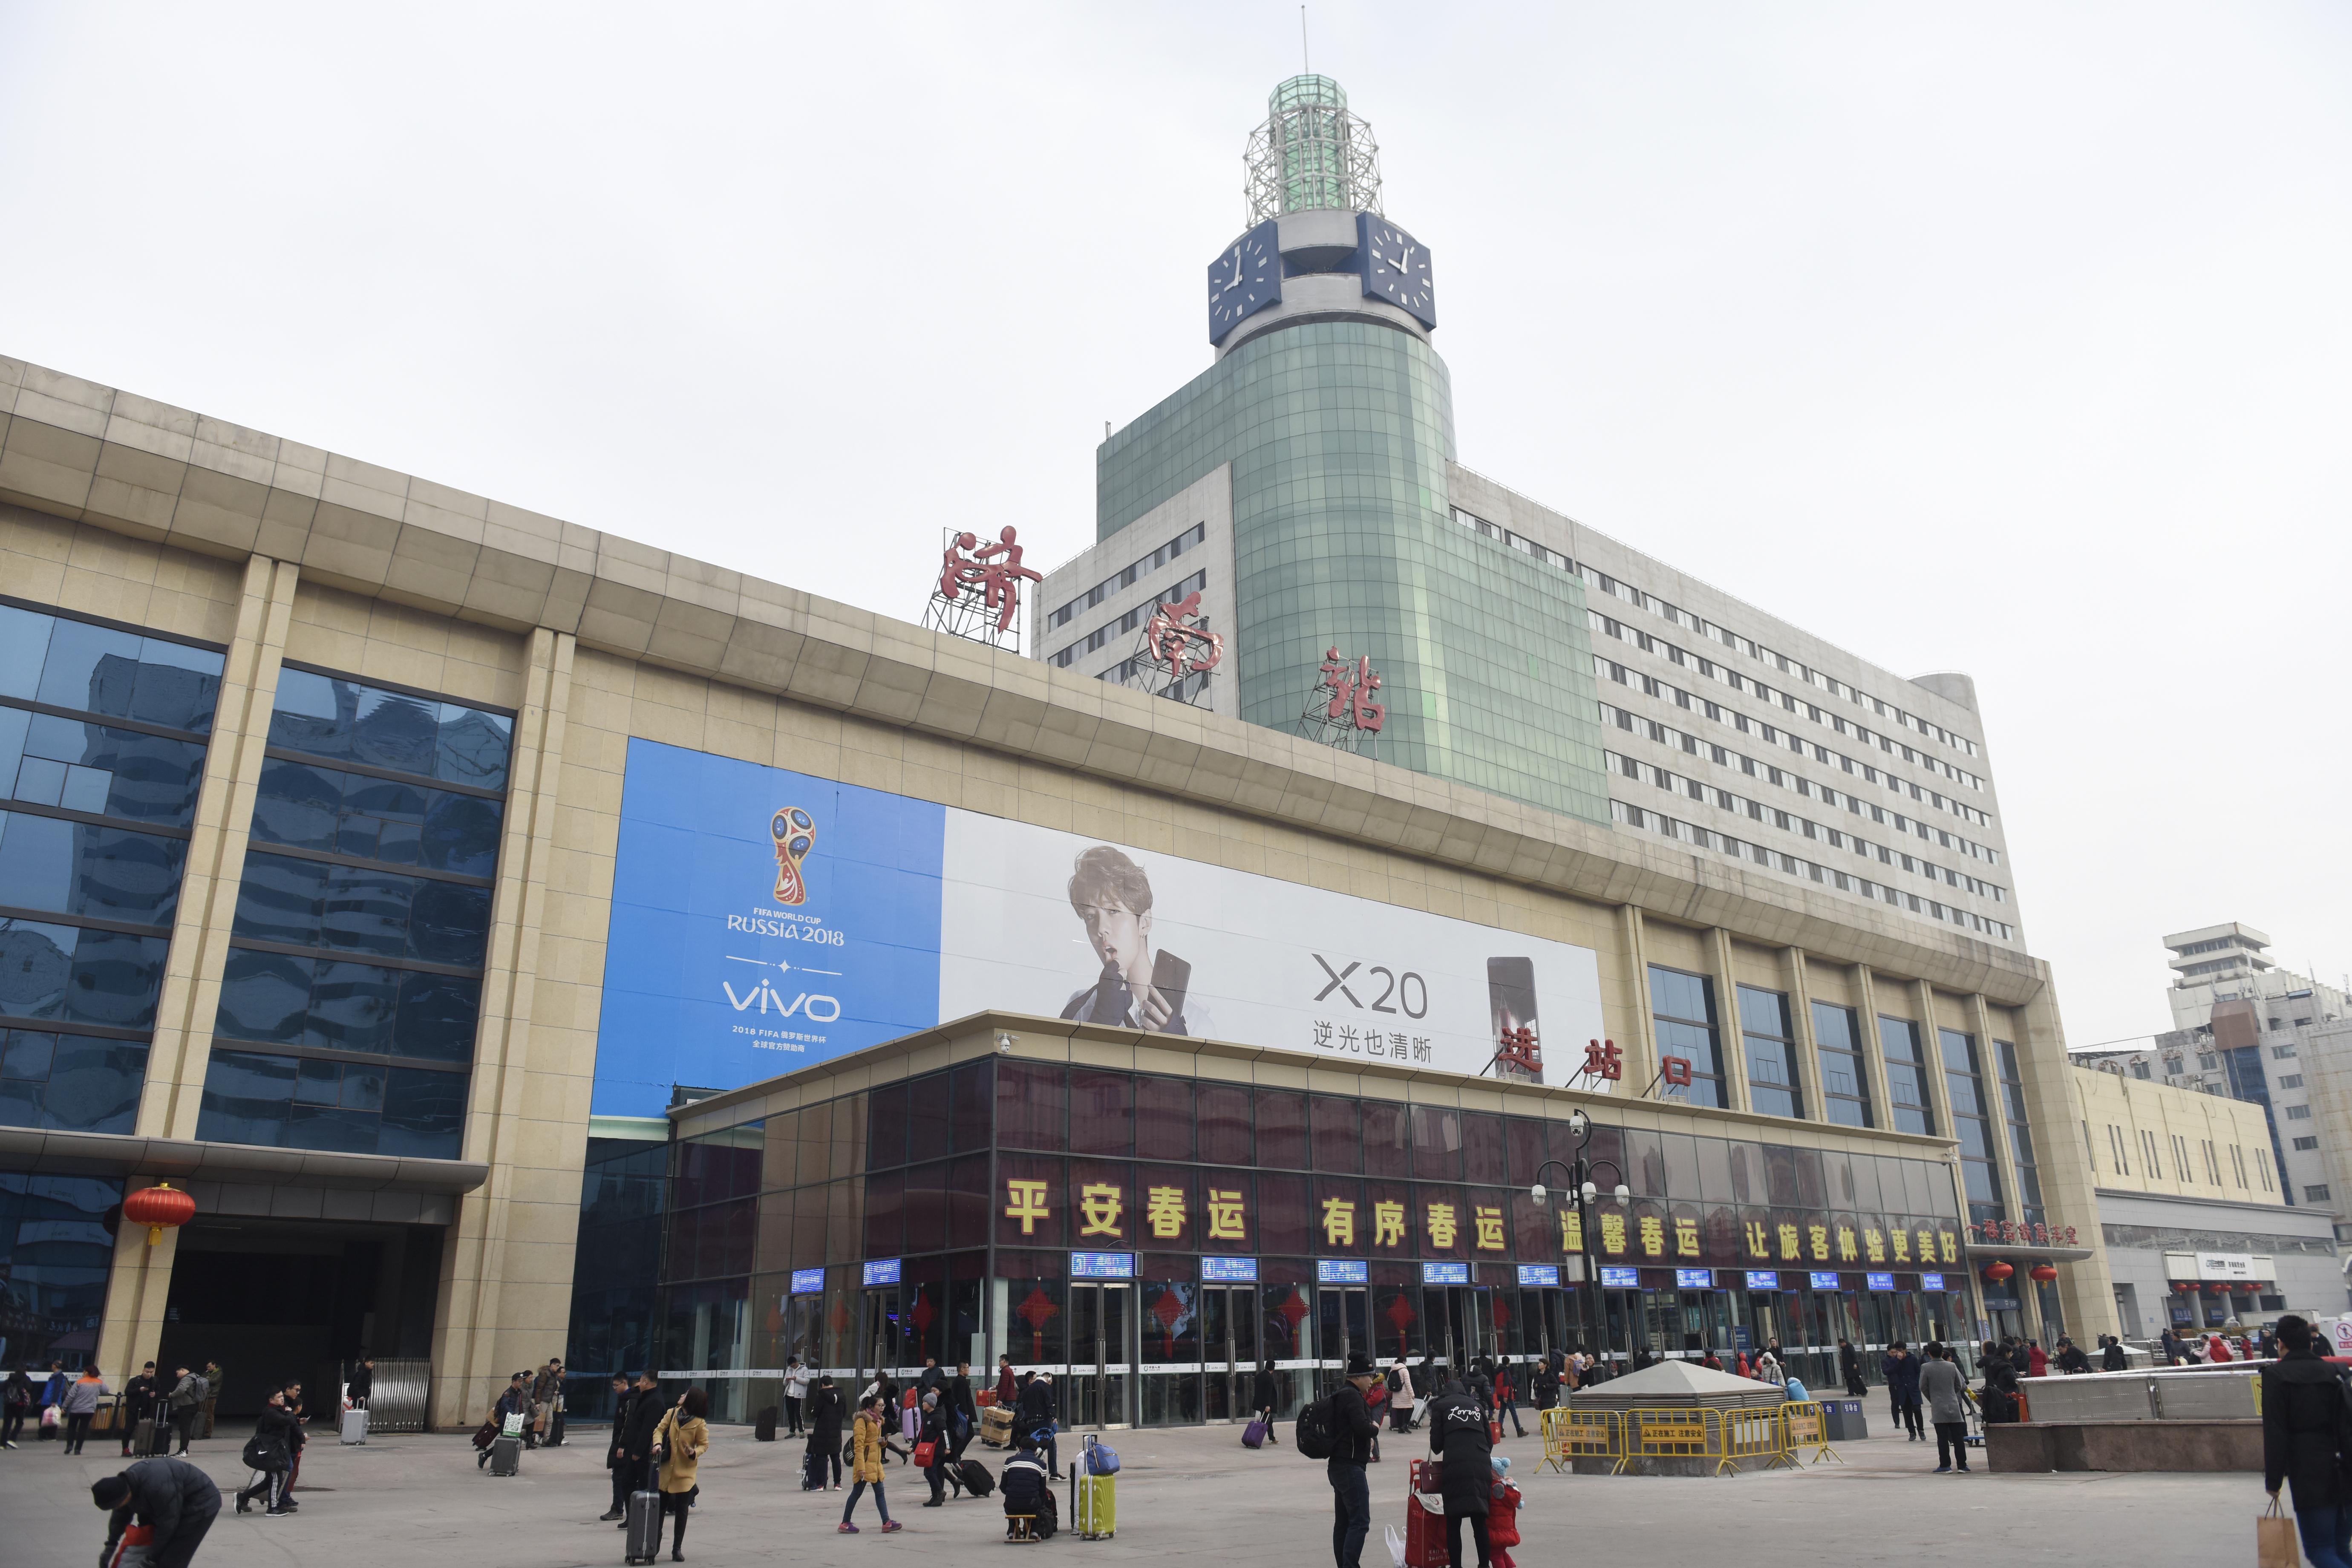 假日出行丨返程高峰!济南火车站预计今天发送旅客近7万人